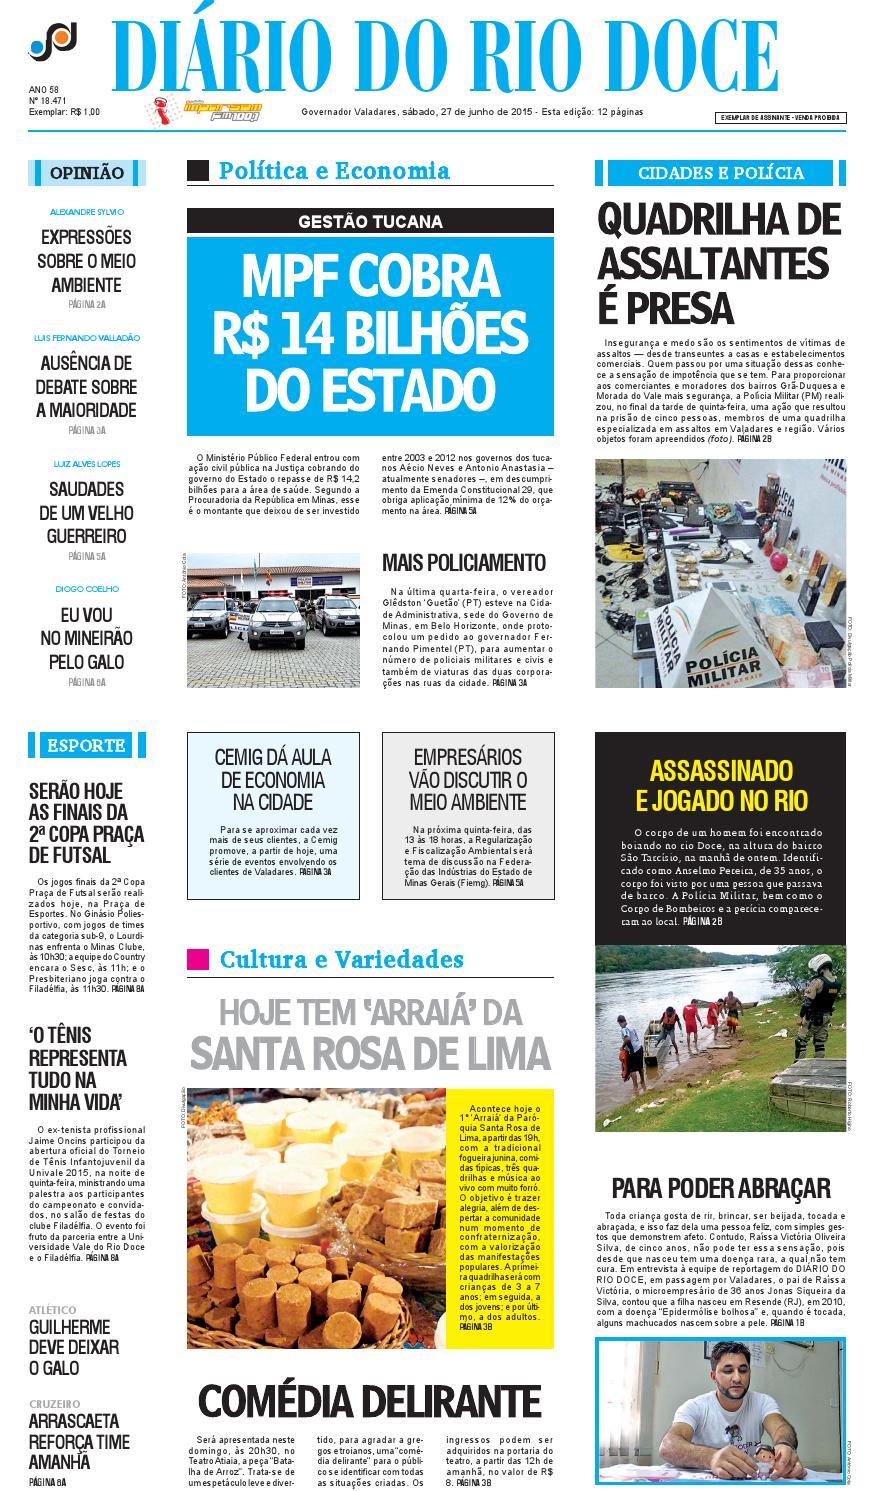 Diário do Rio Doce - Edição de 27 06 2015 by Diário do Rio Doce - issuu 9b982dbba8